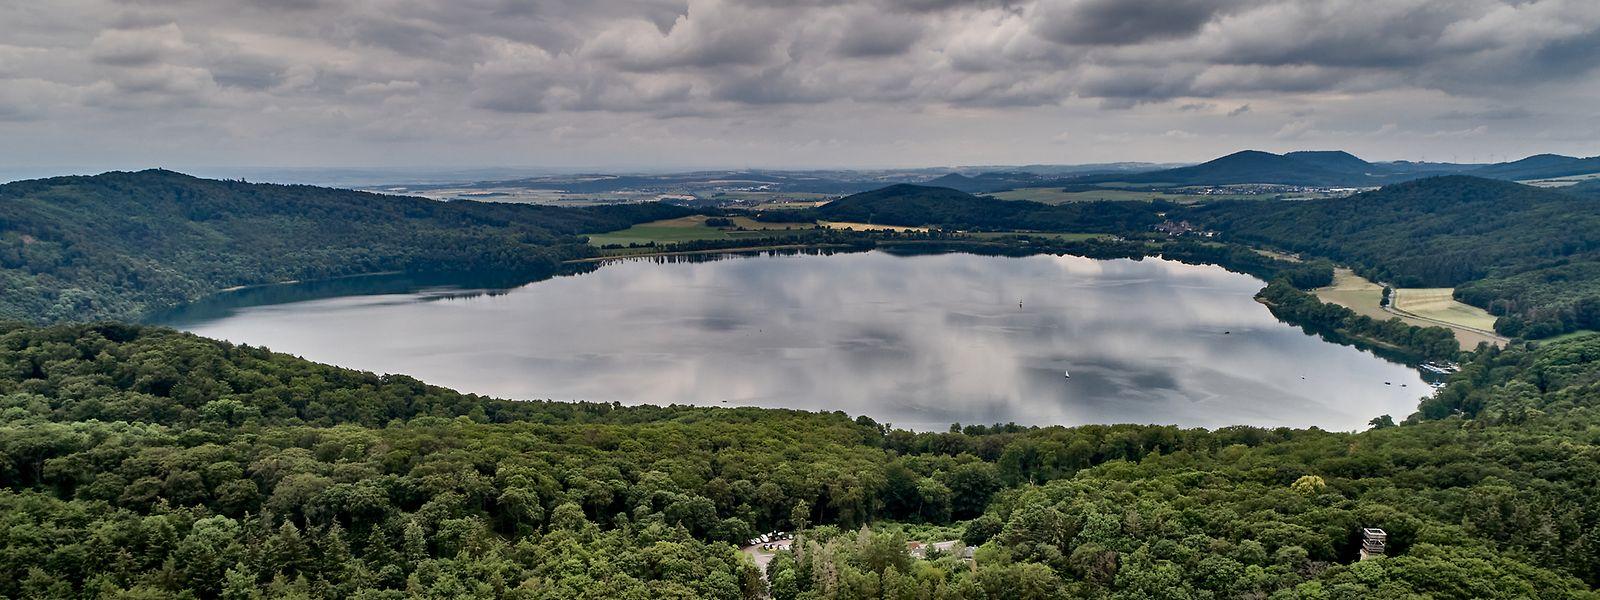 Der Lacher See in der Osteifel, ein alter vulkanischer Explosionskrater.